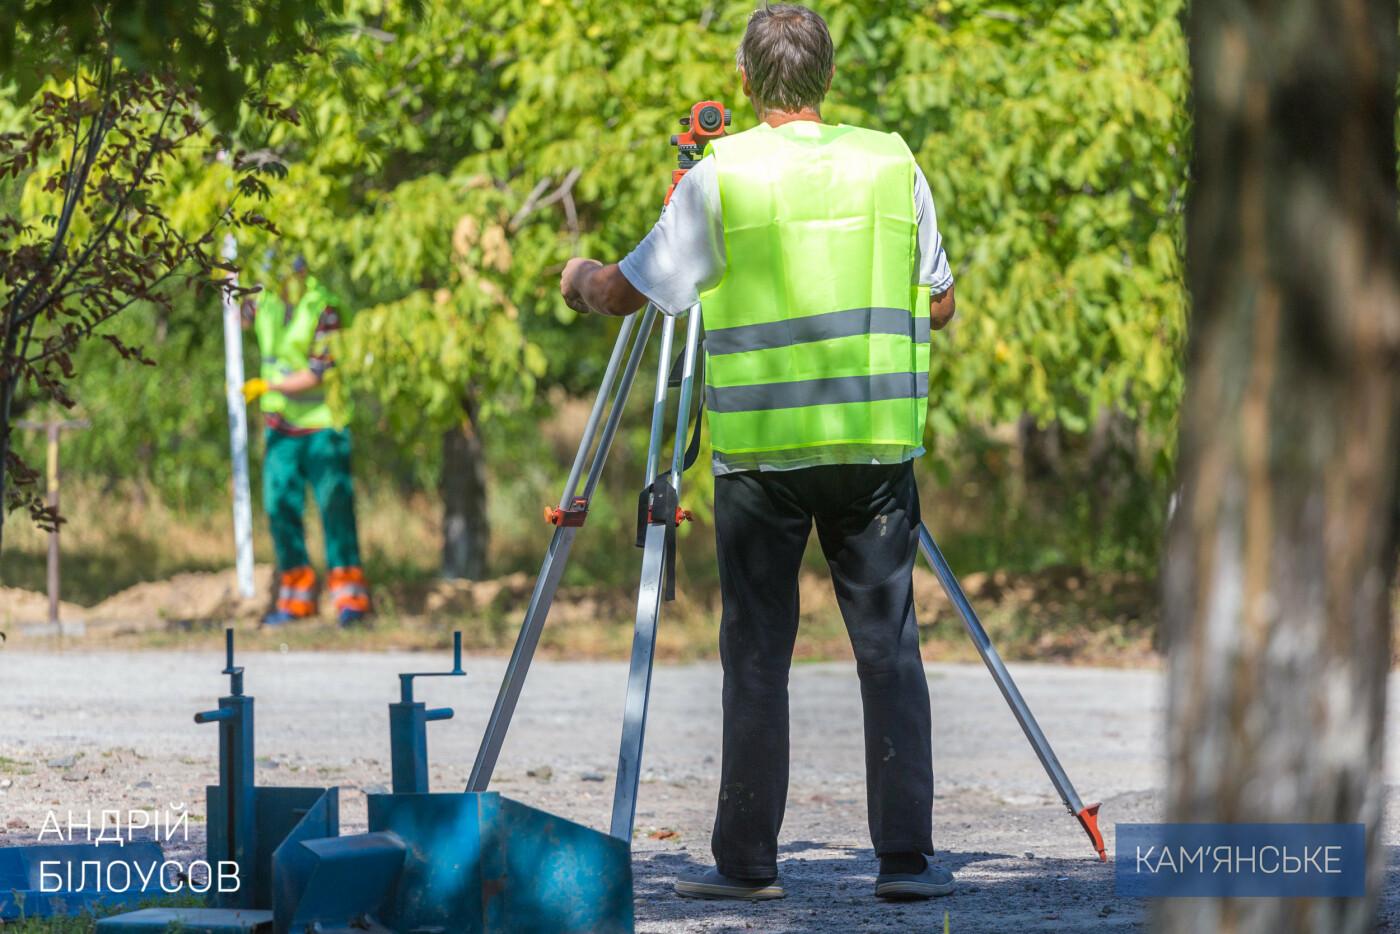 Новые аттракционы, тротуарная плитка и площадки: в Левобережном парке Каменского началась реконструкция, фото-2